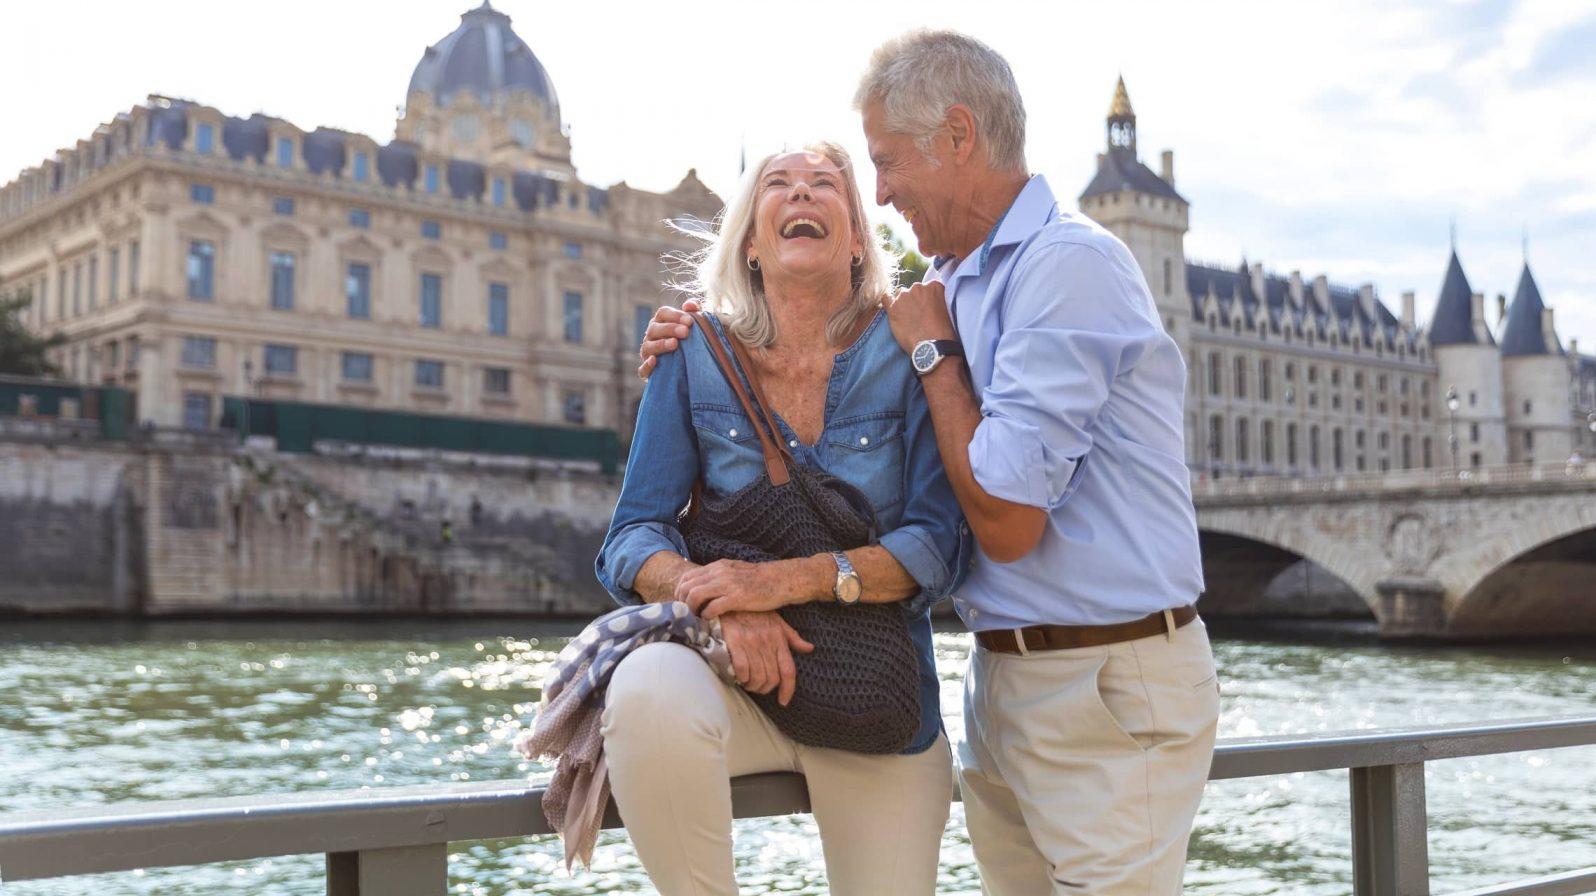 Rentoutunut pariskunta Pariisissa henkilöt